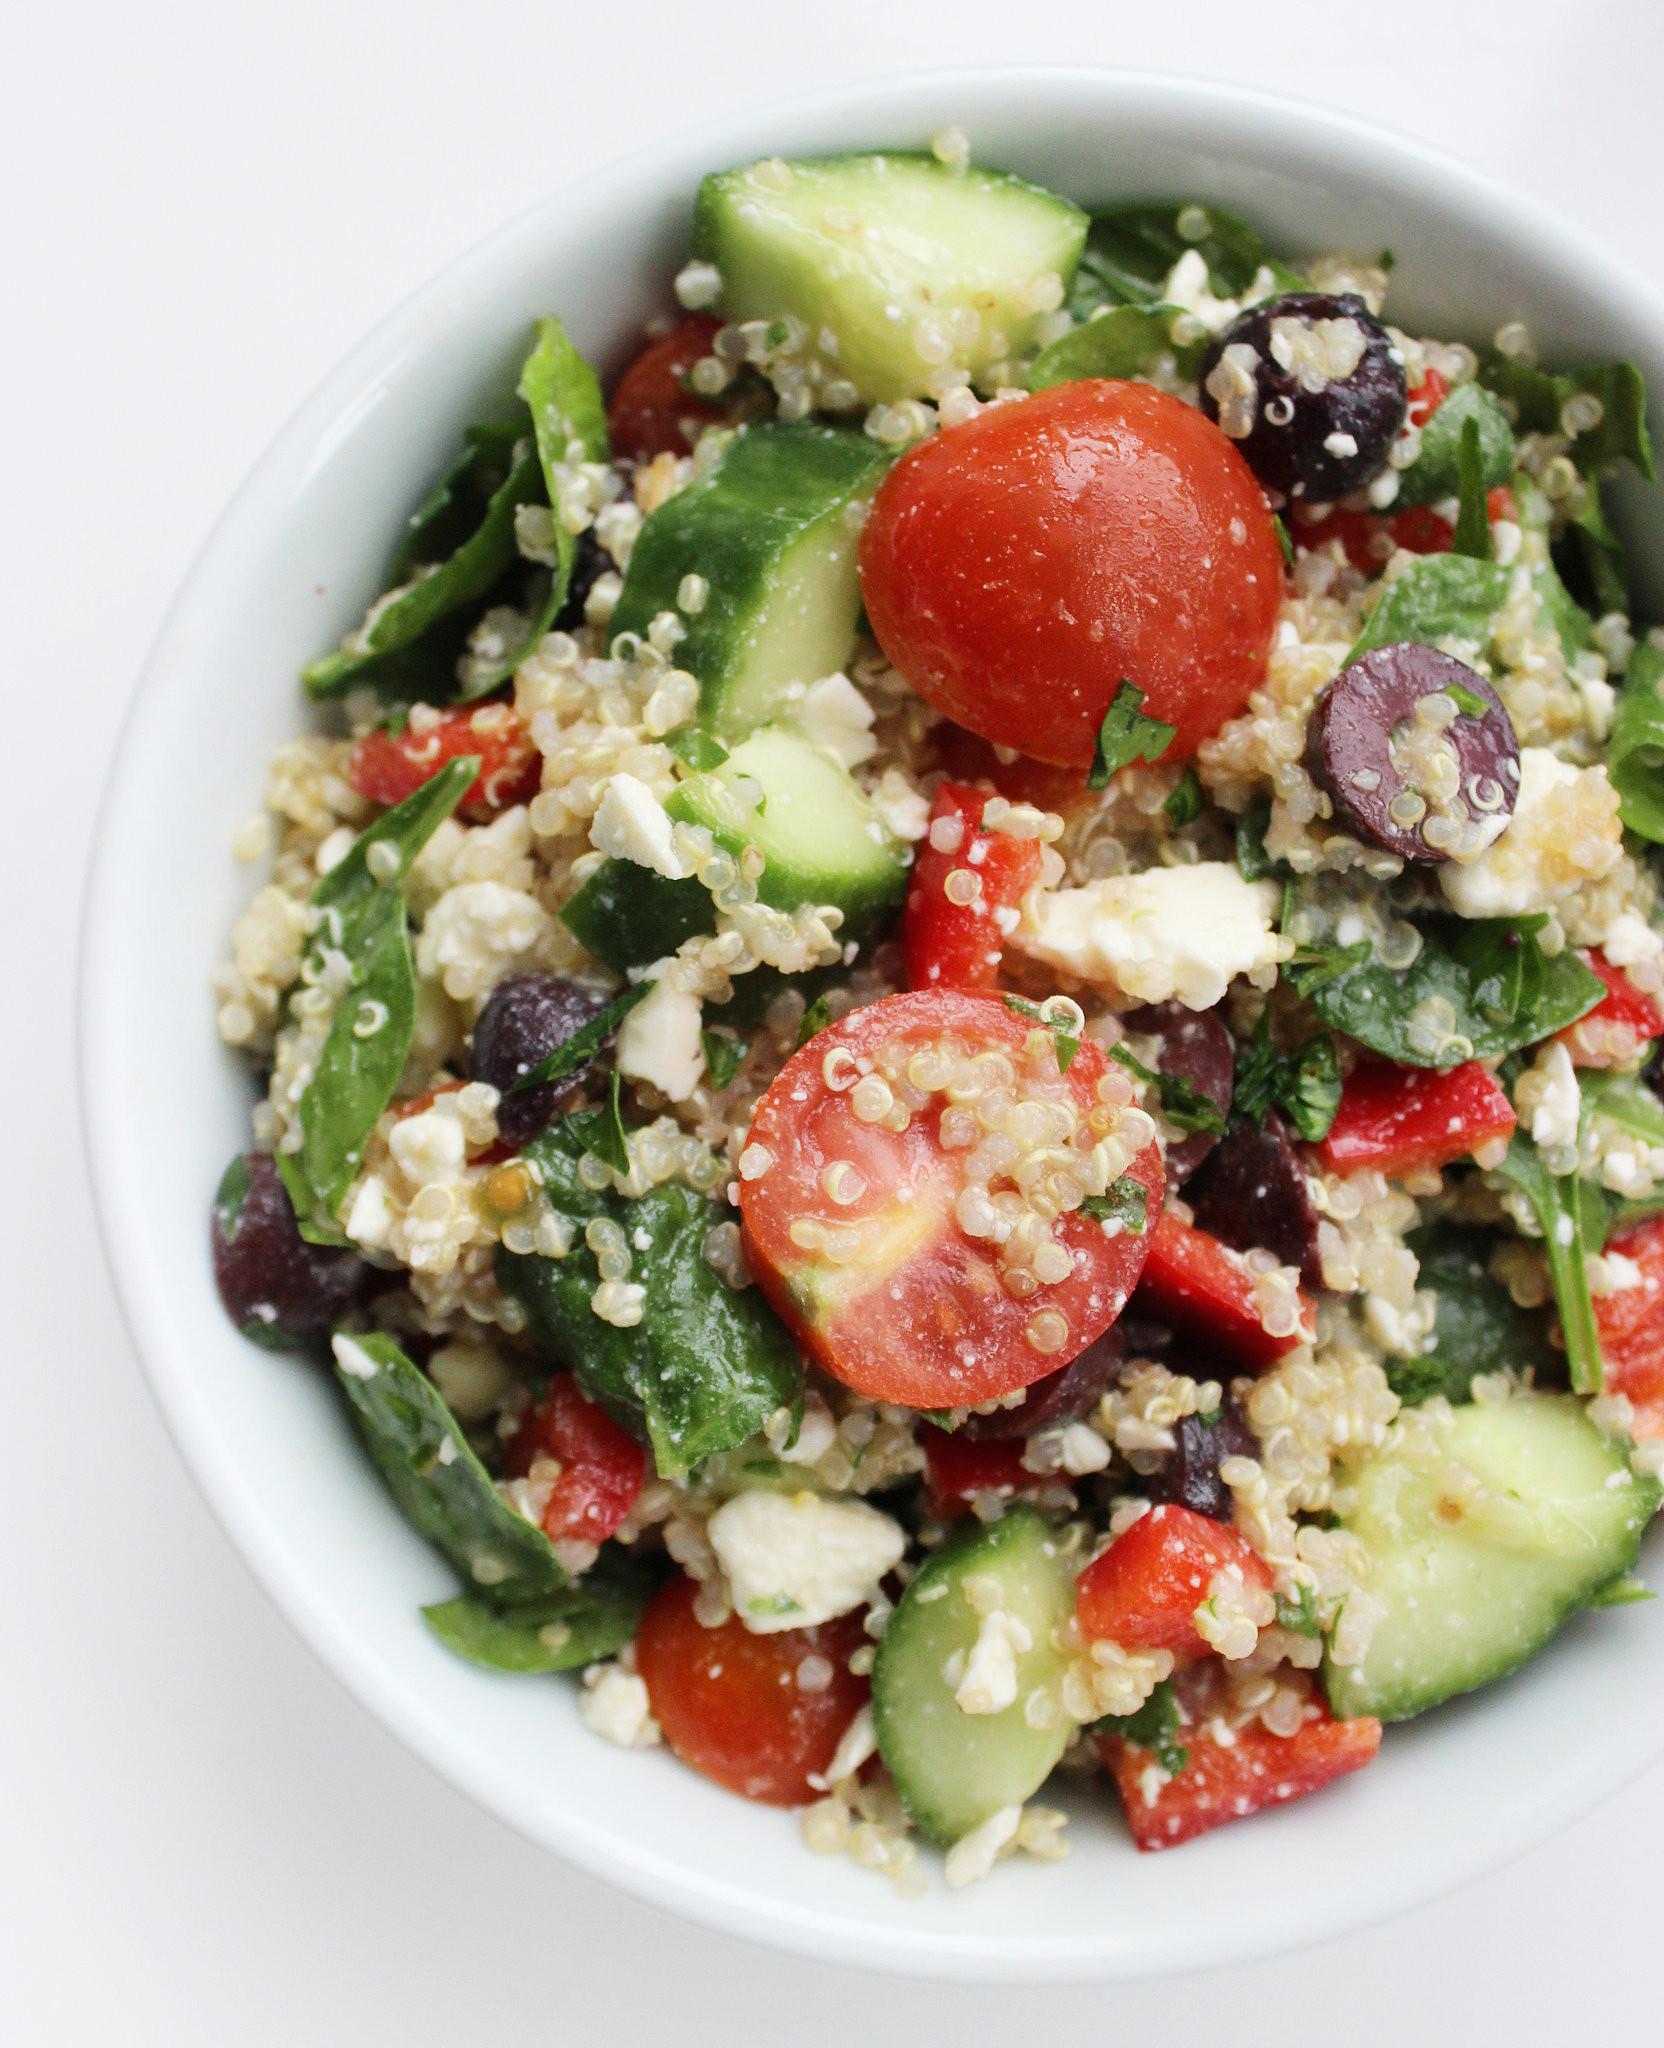 Quinoa Salad Recipes Healthy  Healthy Mediterranean Quinoa Salad Recipe